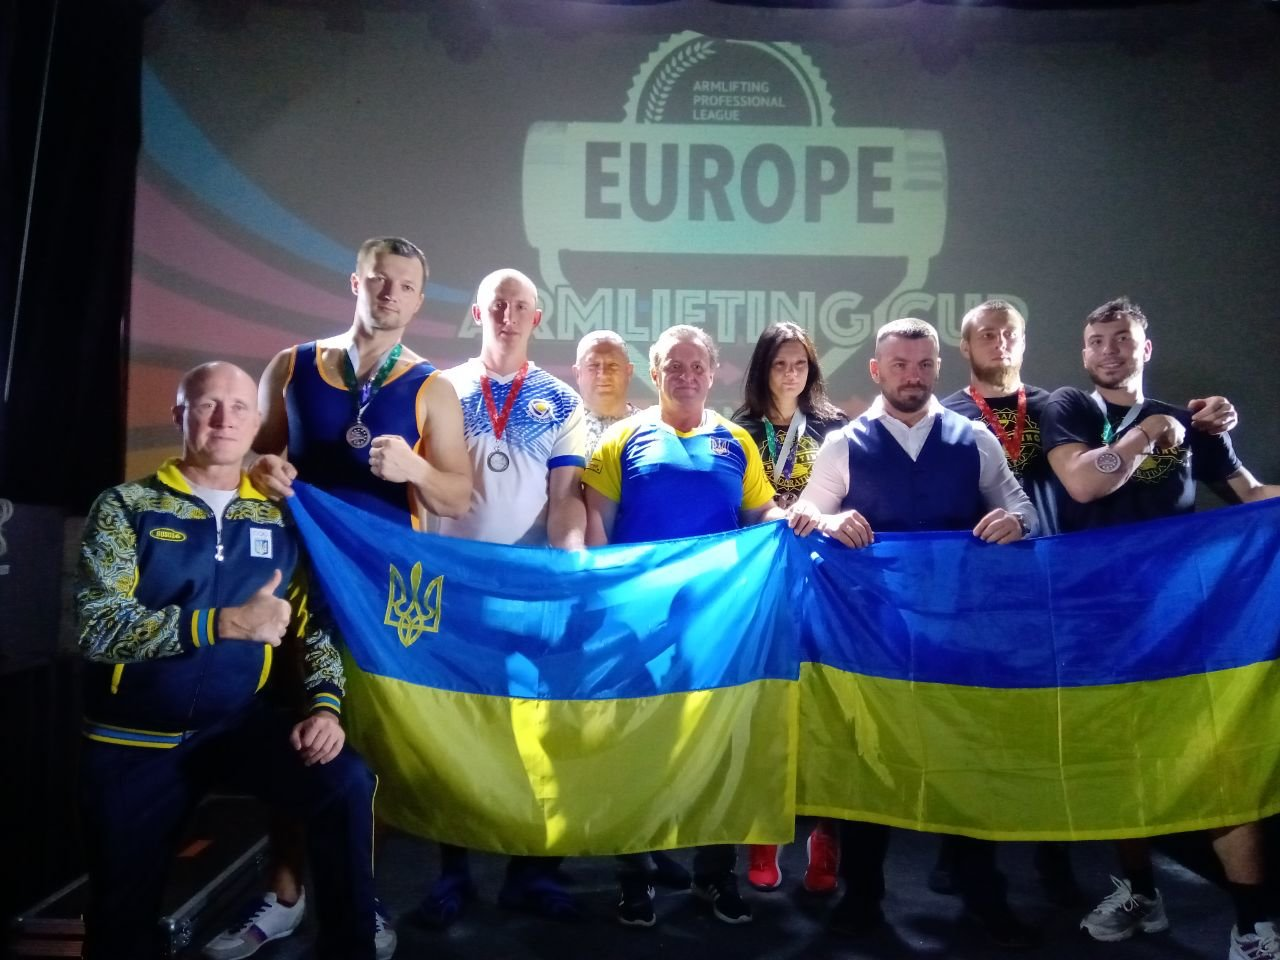 Установила три мировых рекорда: каменчанка стала четырехкратной чемпионкой Кубка Европы поармлифтингу, фото-4